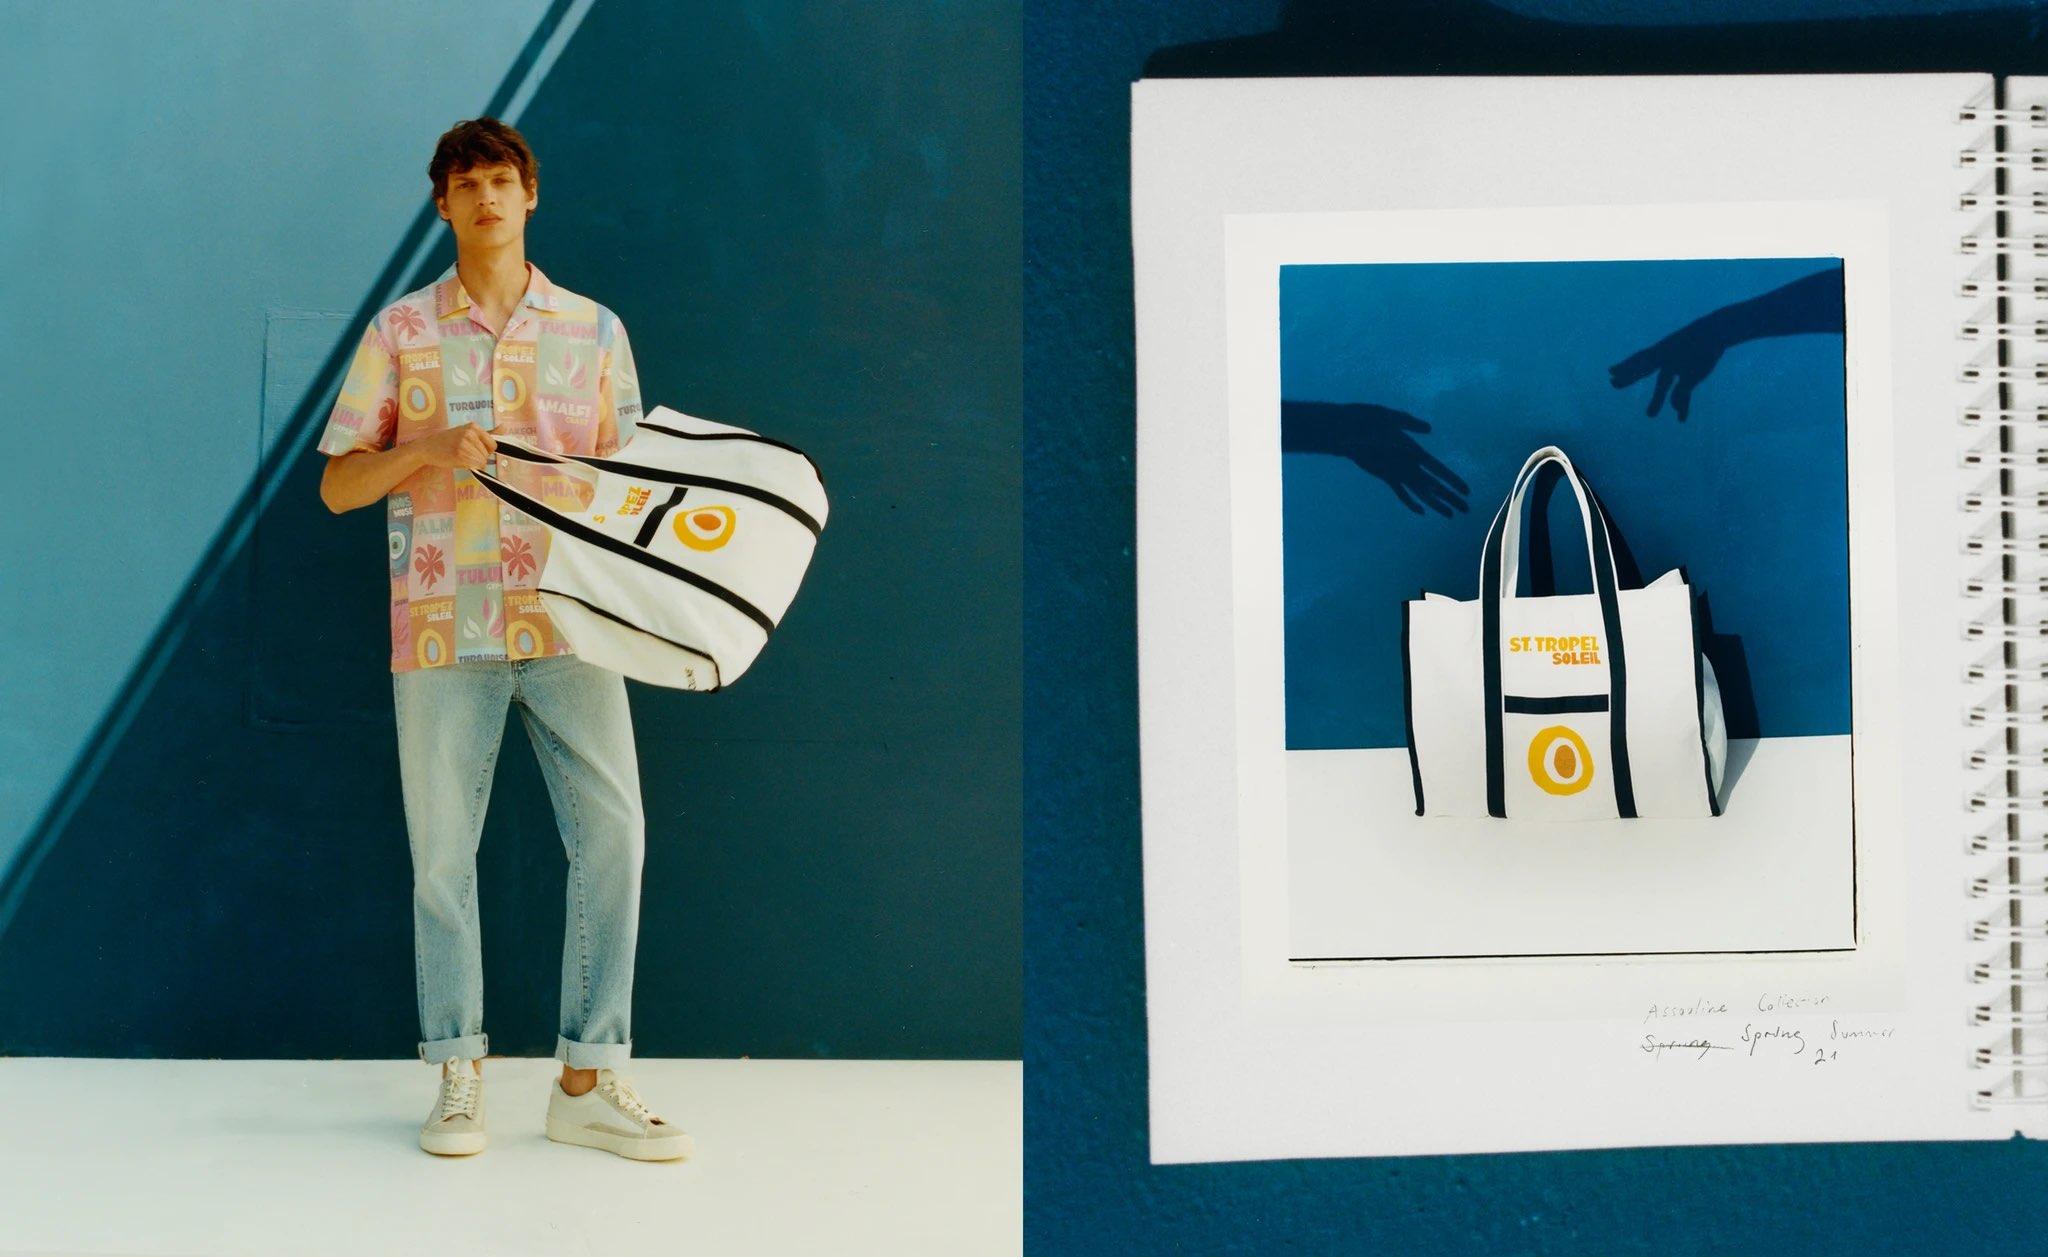 Zara lanza colección de ropa masculina inspirada en los libros de viajes de Assouline